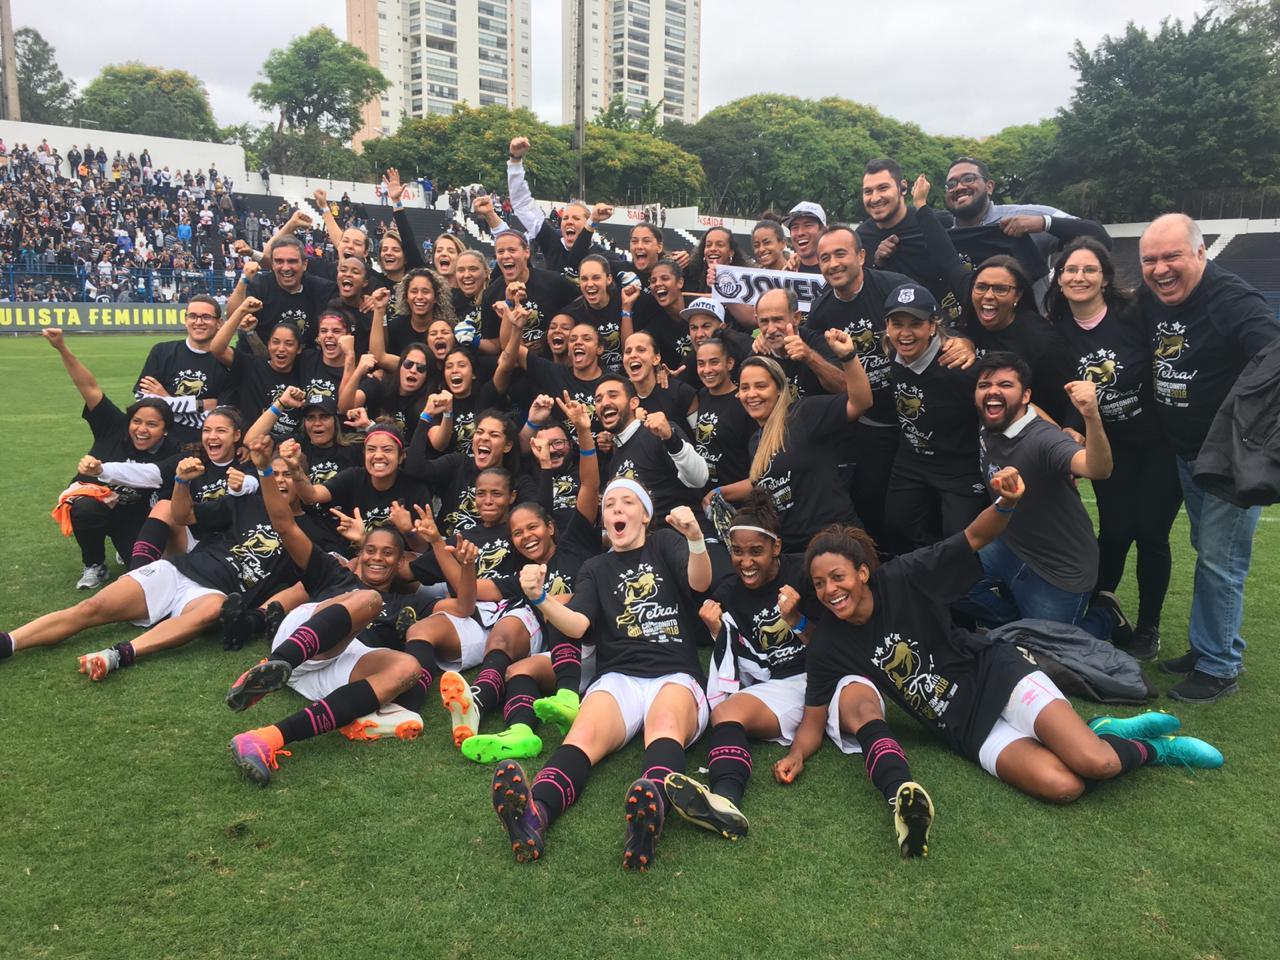 O Santos entrou em campo neste sábado para disputar o título do Paulista  Feminino já com a vantagem de ter vencido o primeiro jogo da final na Vila  Belmiro ... 85a4bf37dd191